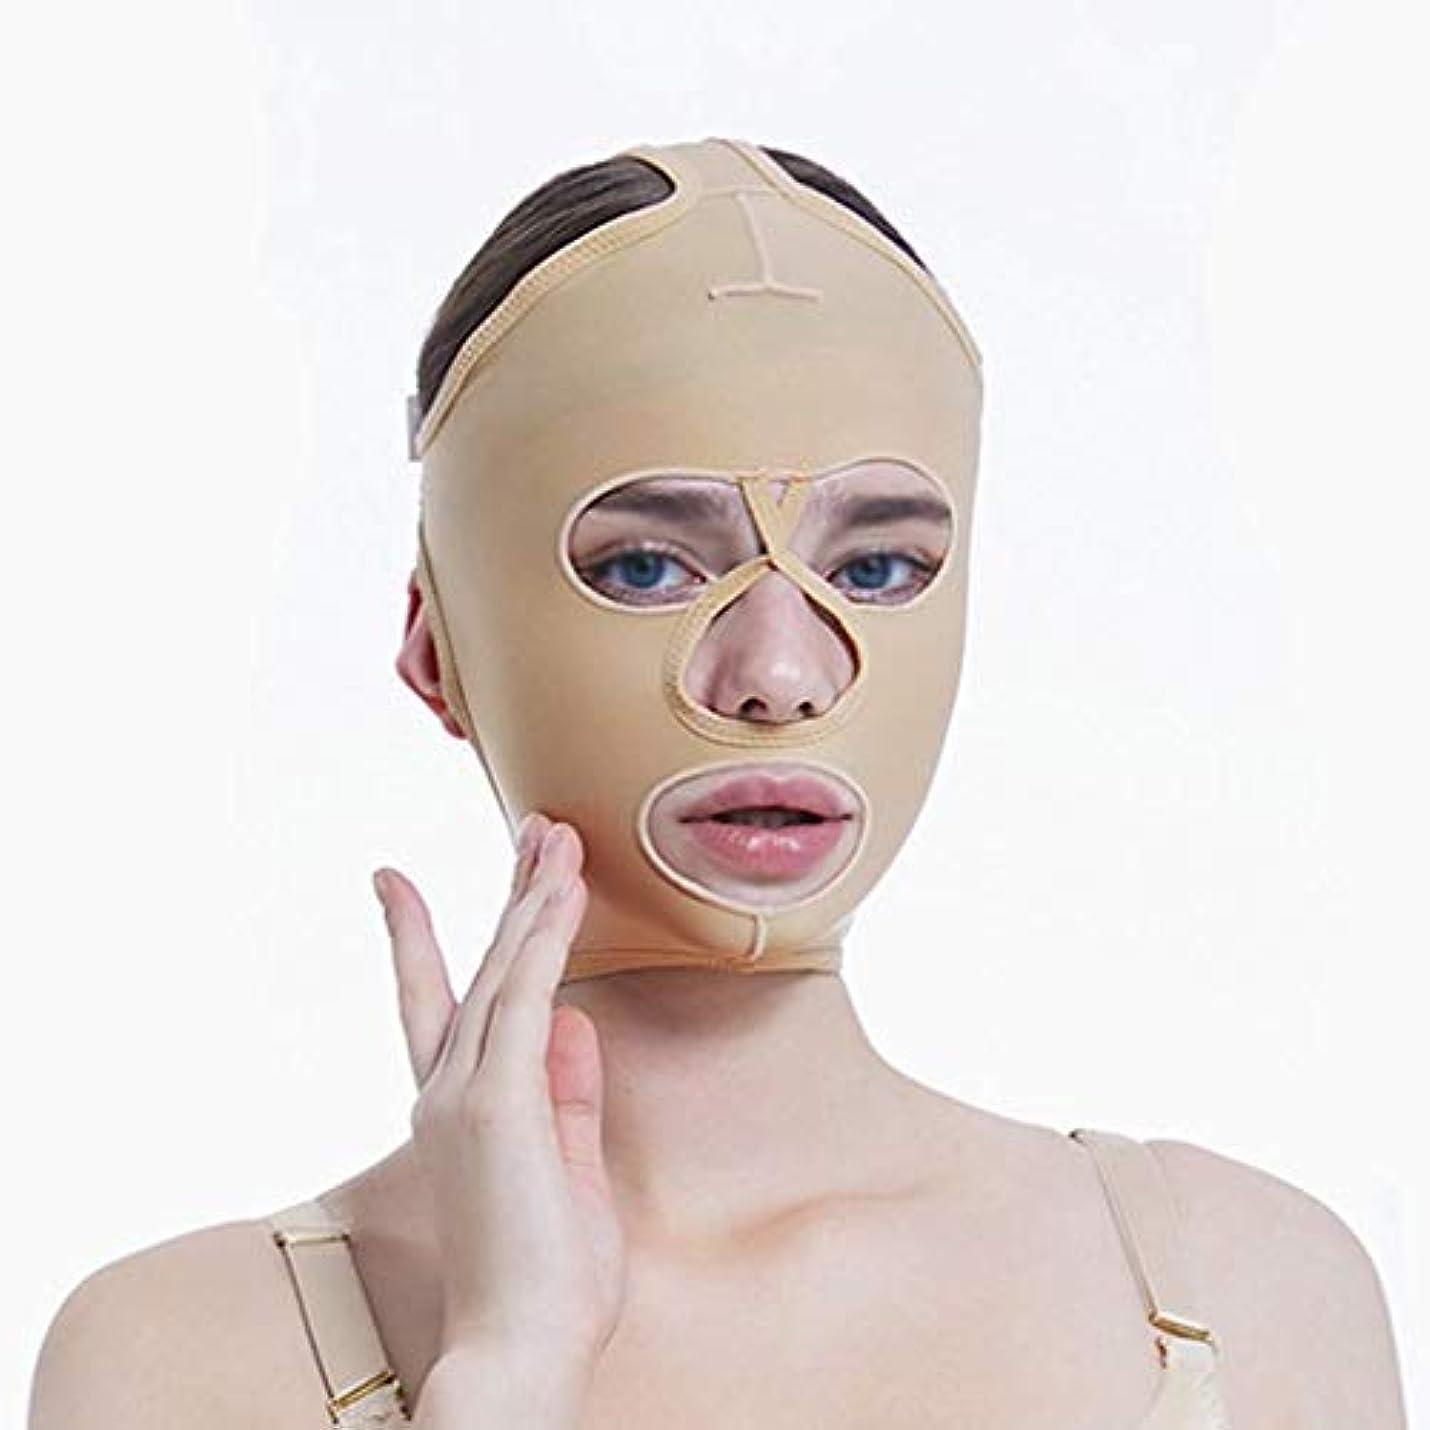 混雑詳細に口チンリフティングベルト、超薄型ベルト、引き締めマスク、包帯吊り、フェイスリフティングマスク、超薄型ベルト、通気性(サイズ:L),XL